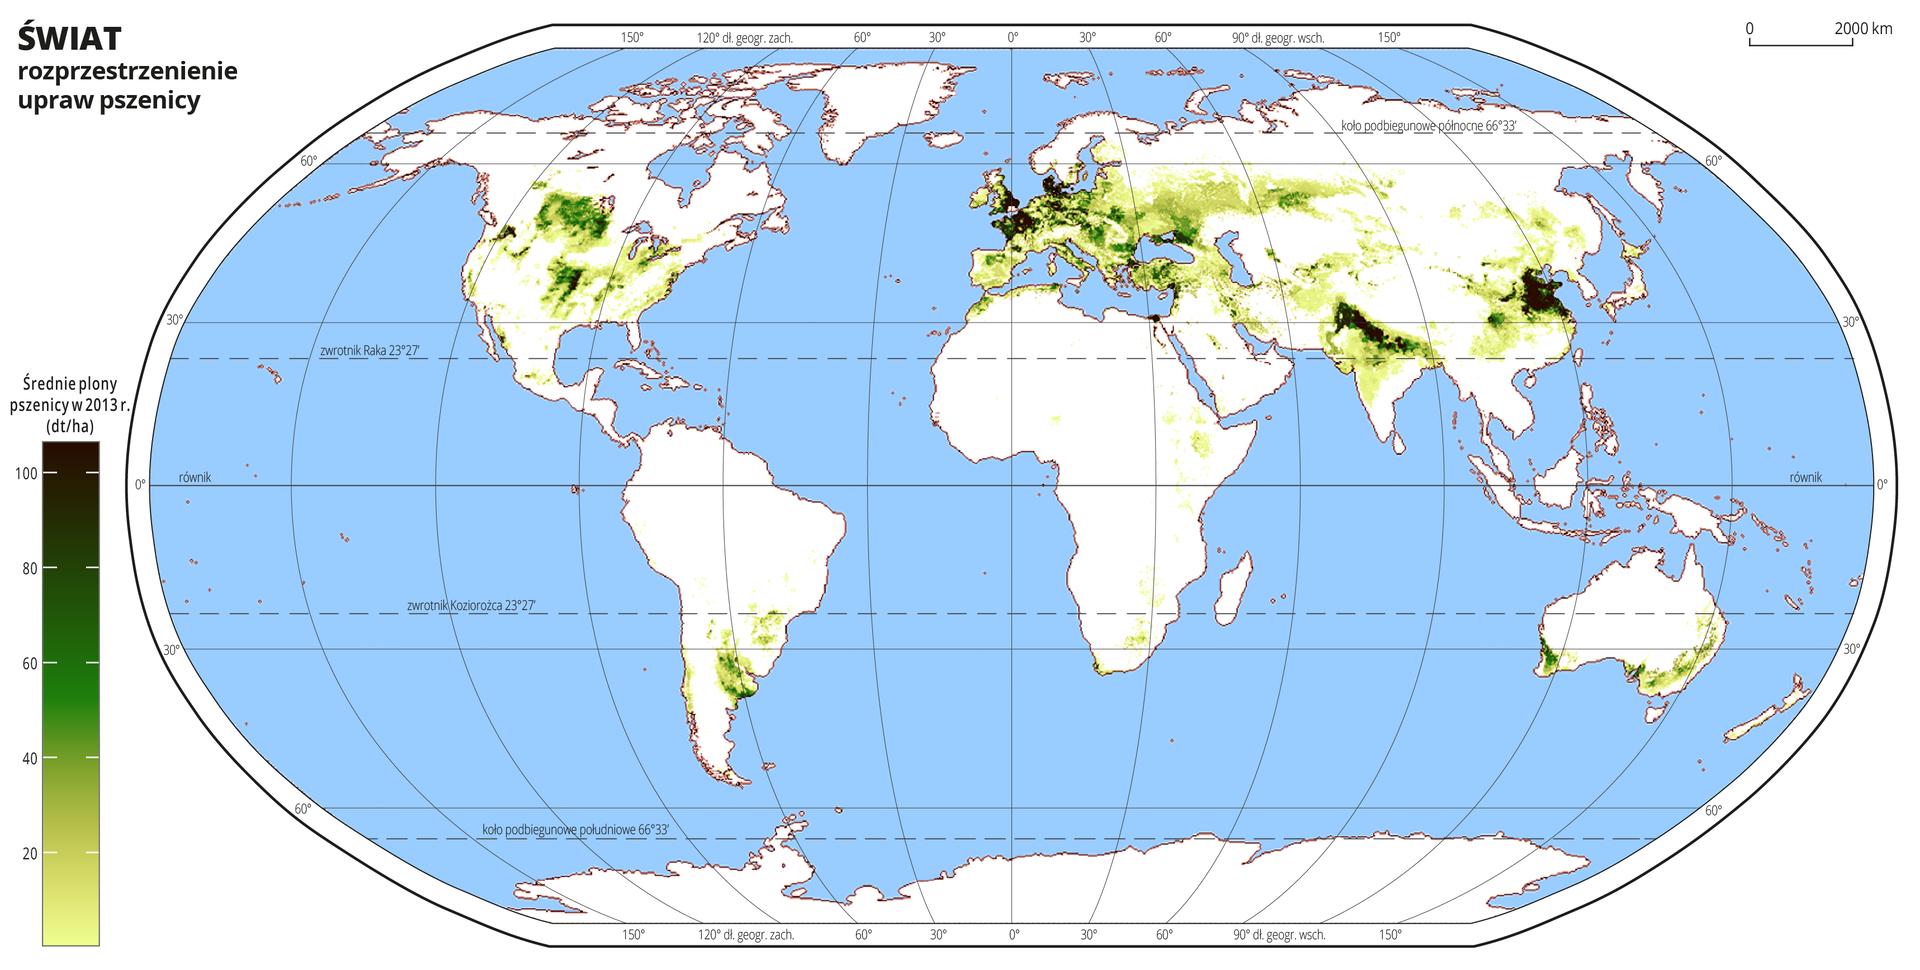 Ilustracja przedstawia mapę świata. Wody zaznaczono kolorem niebieskim.Na mapie odcieniami koloru zielonego zaznaczono średnie plony pszenicy wdecytonach zhektara wdwa tysiące trzynastym roku.Najjaśniejszym odcieniem koloru zielonego oznaczono obszary, na których średnie plony pszenicy wynoszą poniżej dwudziestu decyton zhektara, anajciemniejszym obszary, na których plony pszenicy przekraczają sto decyton zhektara. Uprawy pszenicy występują gównie na półkuli północnej irozmieszczone są wśrodkowej części Ameryki Północnej, całej Europie, środkowej część Azji, północnych Indiach iChinach. Nieliczne uprawy pszenicy wAmeryce Południowej występują wUrugwaju, awAustralii na południu kontynentu.Mapa pokryta jest równoleżnikami ipołudnikami. Dookoła mapy wbiałej ramce opisano współrzędne geograficzne co dwadzieścia stopni.Na dole mapy po lewej stronie umieszczono pionowy pasek podzielony na sześć części. Odcieniami koloru zielonego oznaczono średnie plony pszenicy wdecytonach zhektara wdwa tysiące trzynastym roku od dwudziestu do stu decyton zhektara co dwadzieścia decyton zhektara.